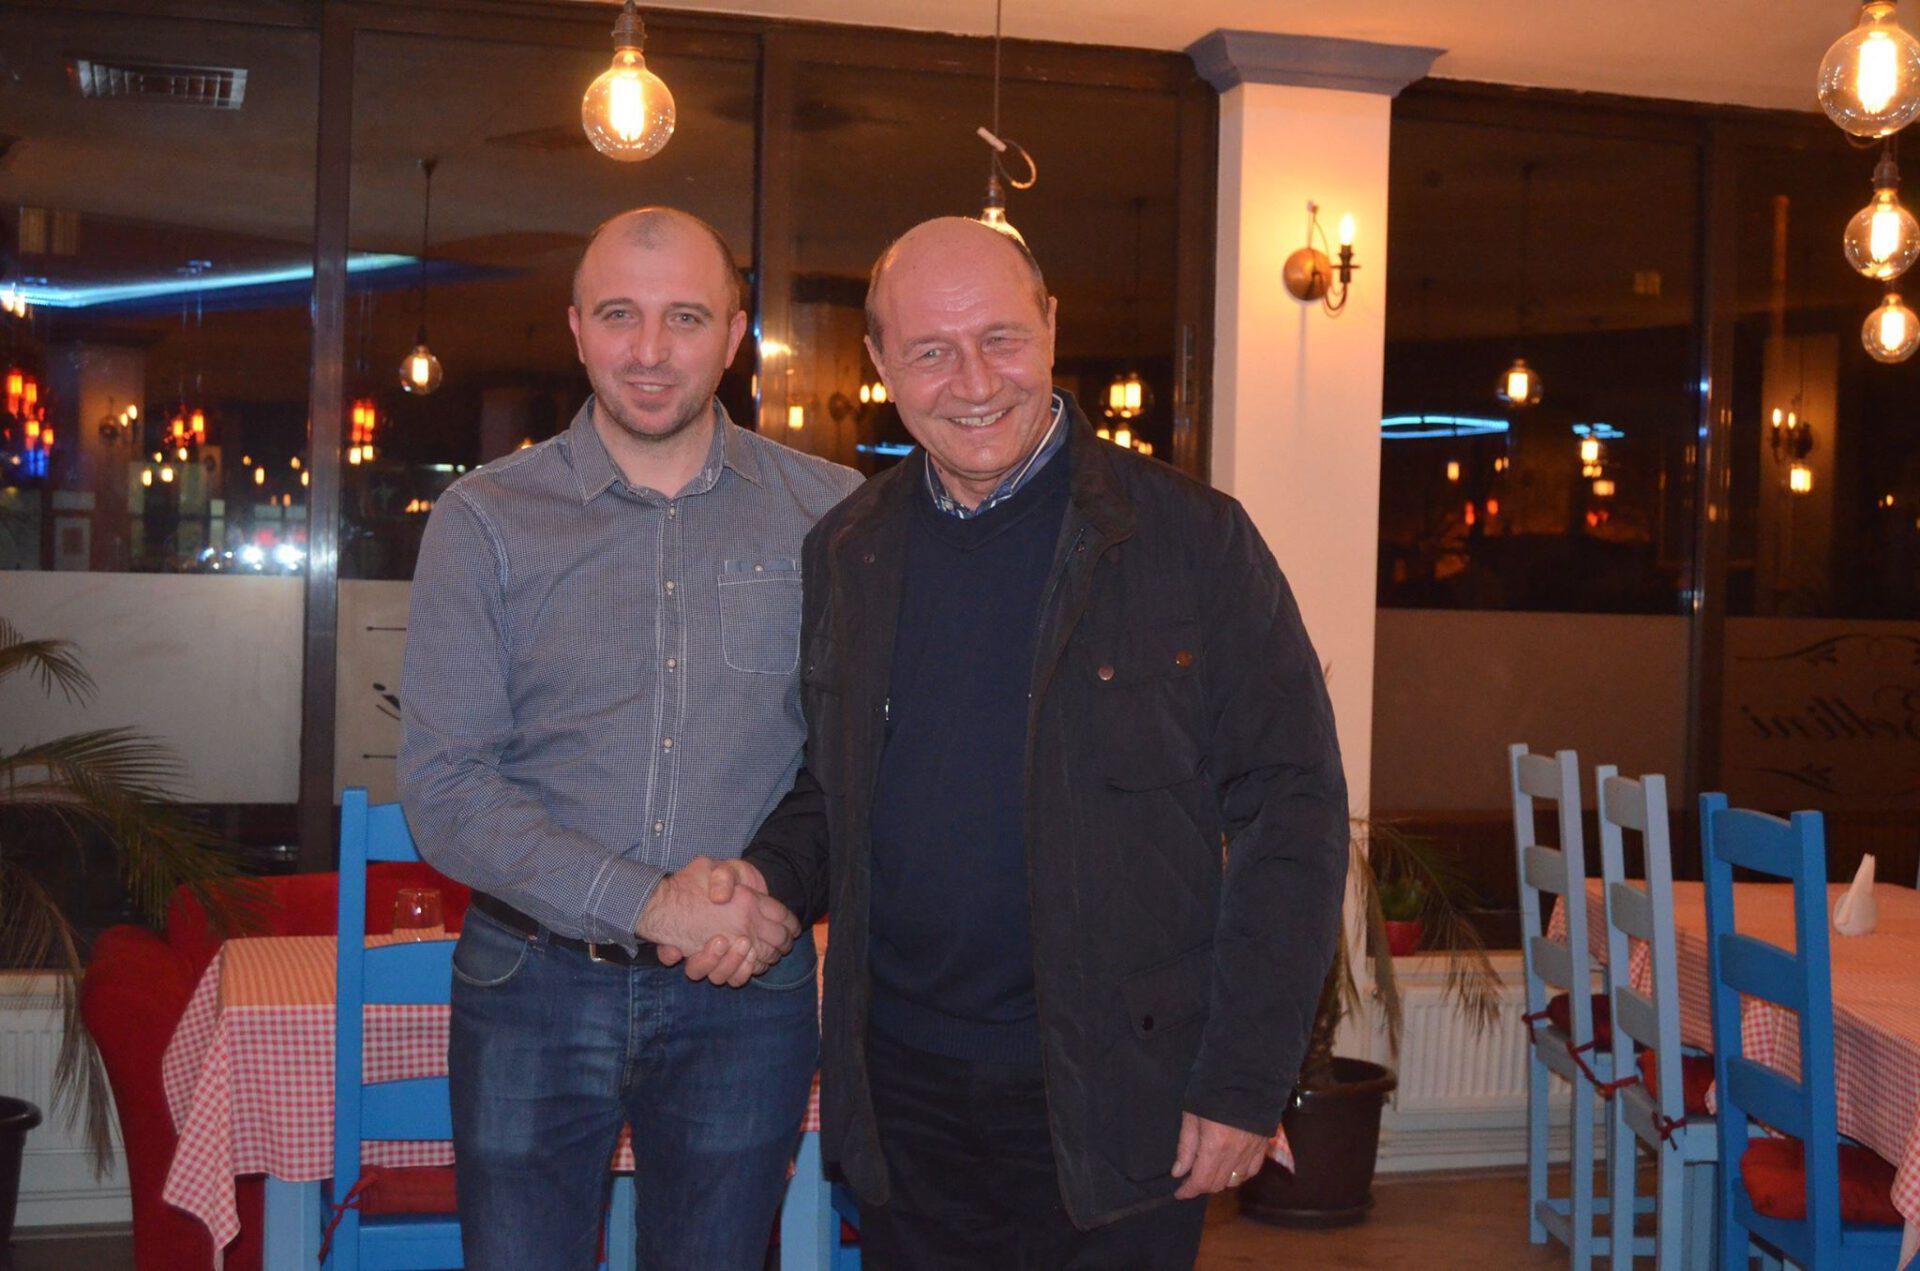 Ce face Traian Basescu de cand nu mai e Presedinte